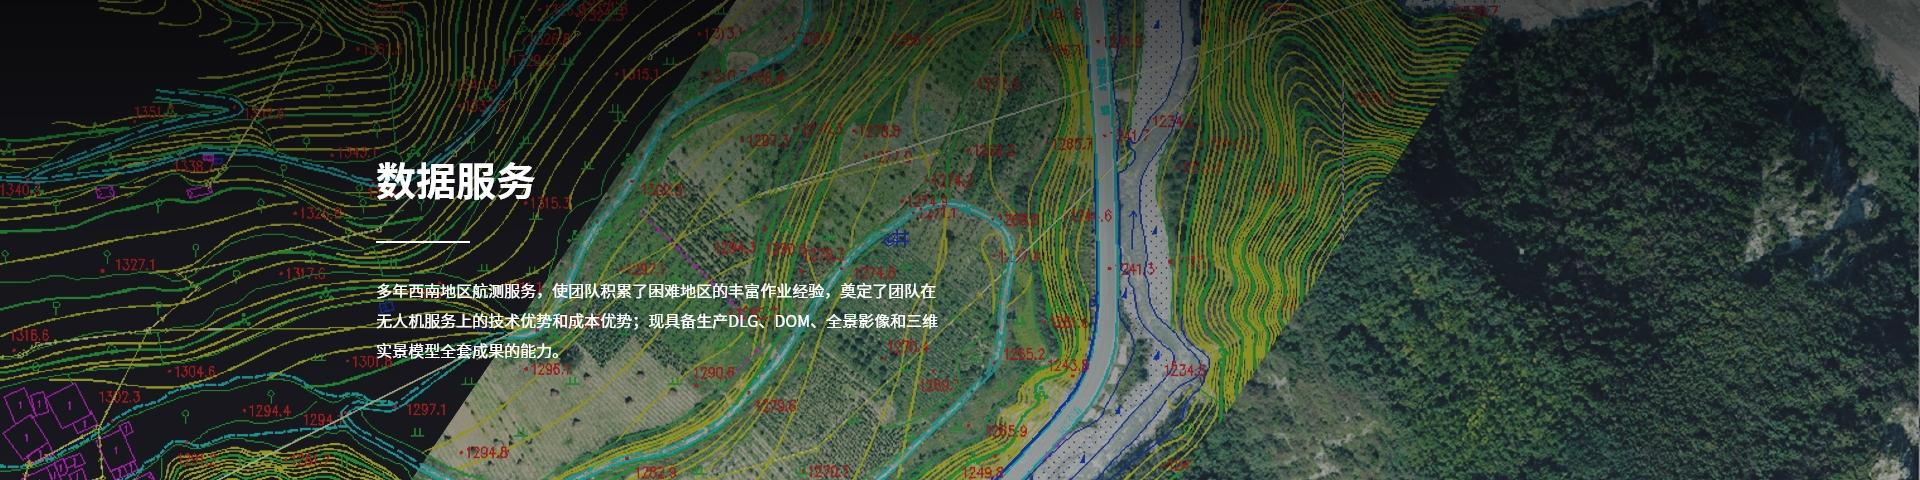 成都远石信息技术有限公司环保巡查项目案例